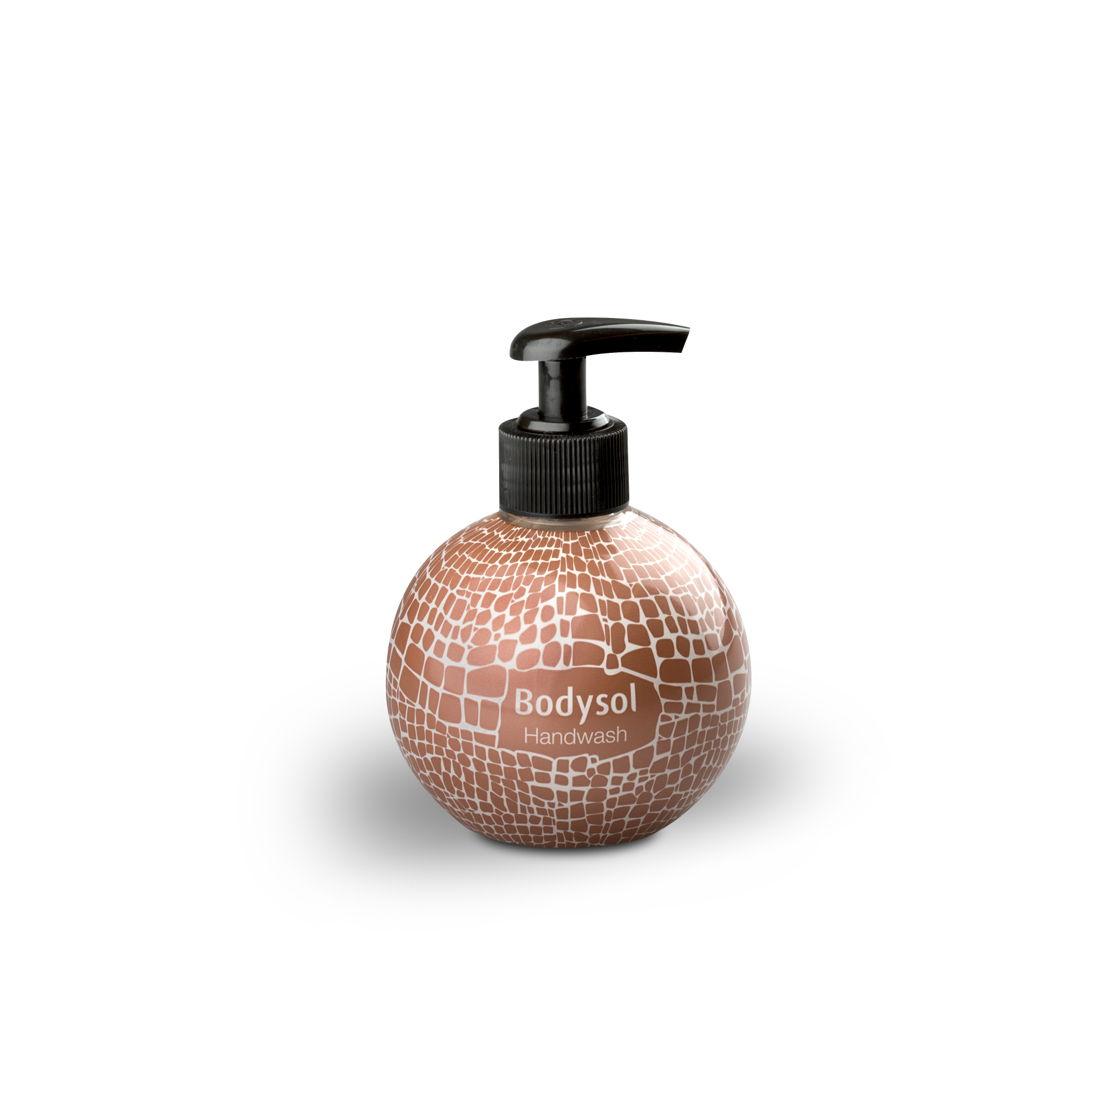 Bodysol - Limited Edition Croco - Copper - Handwash - €5,99